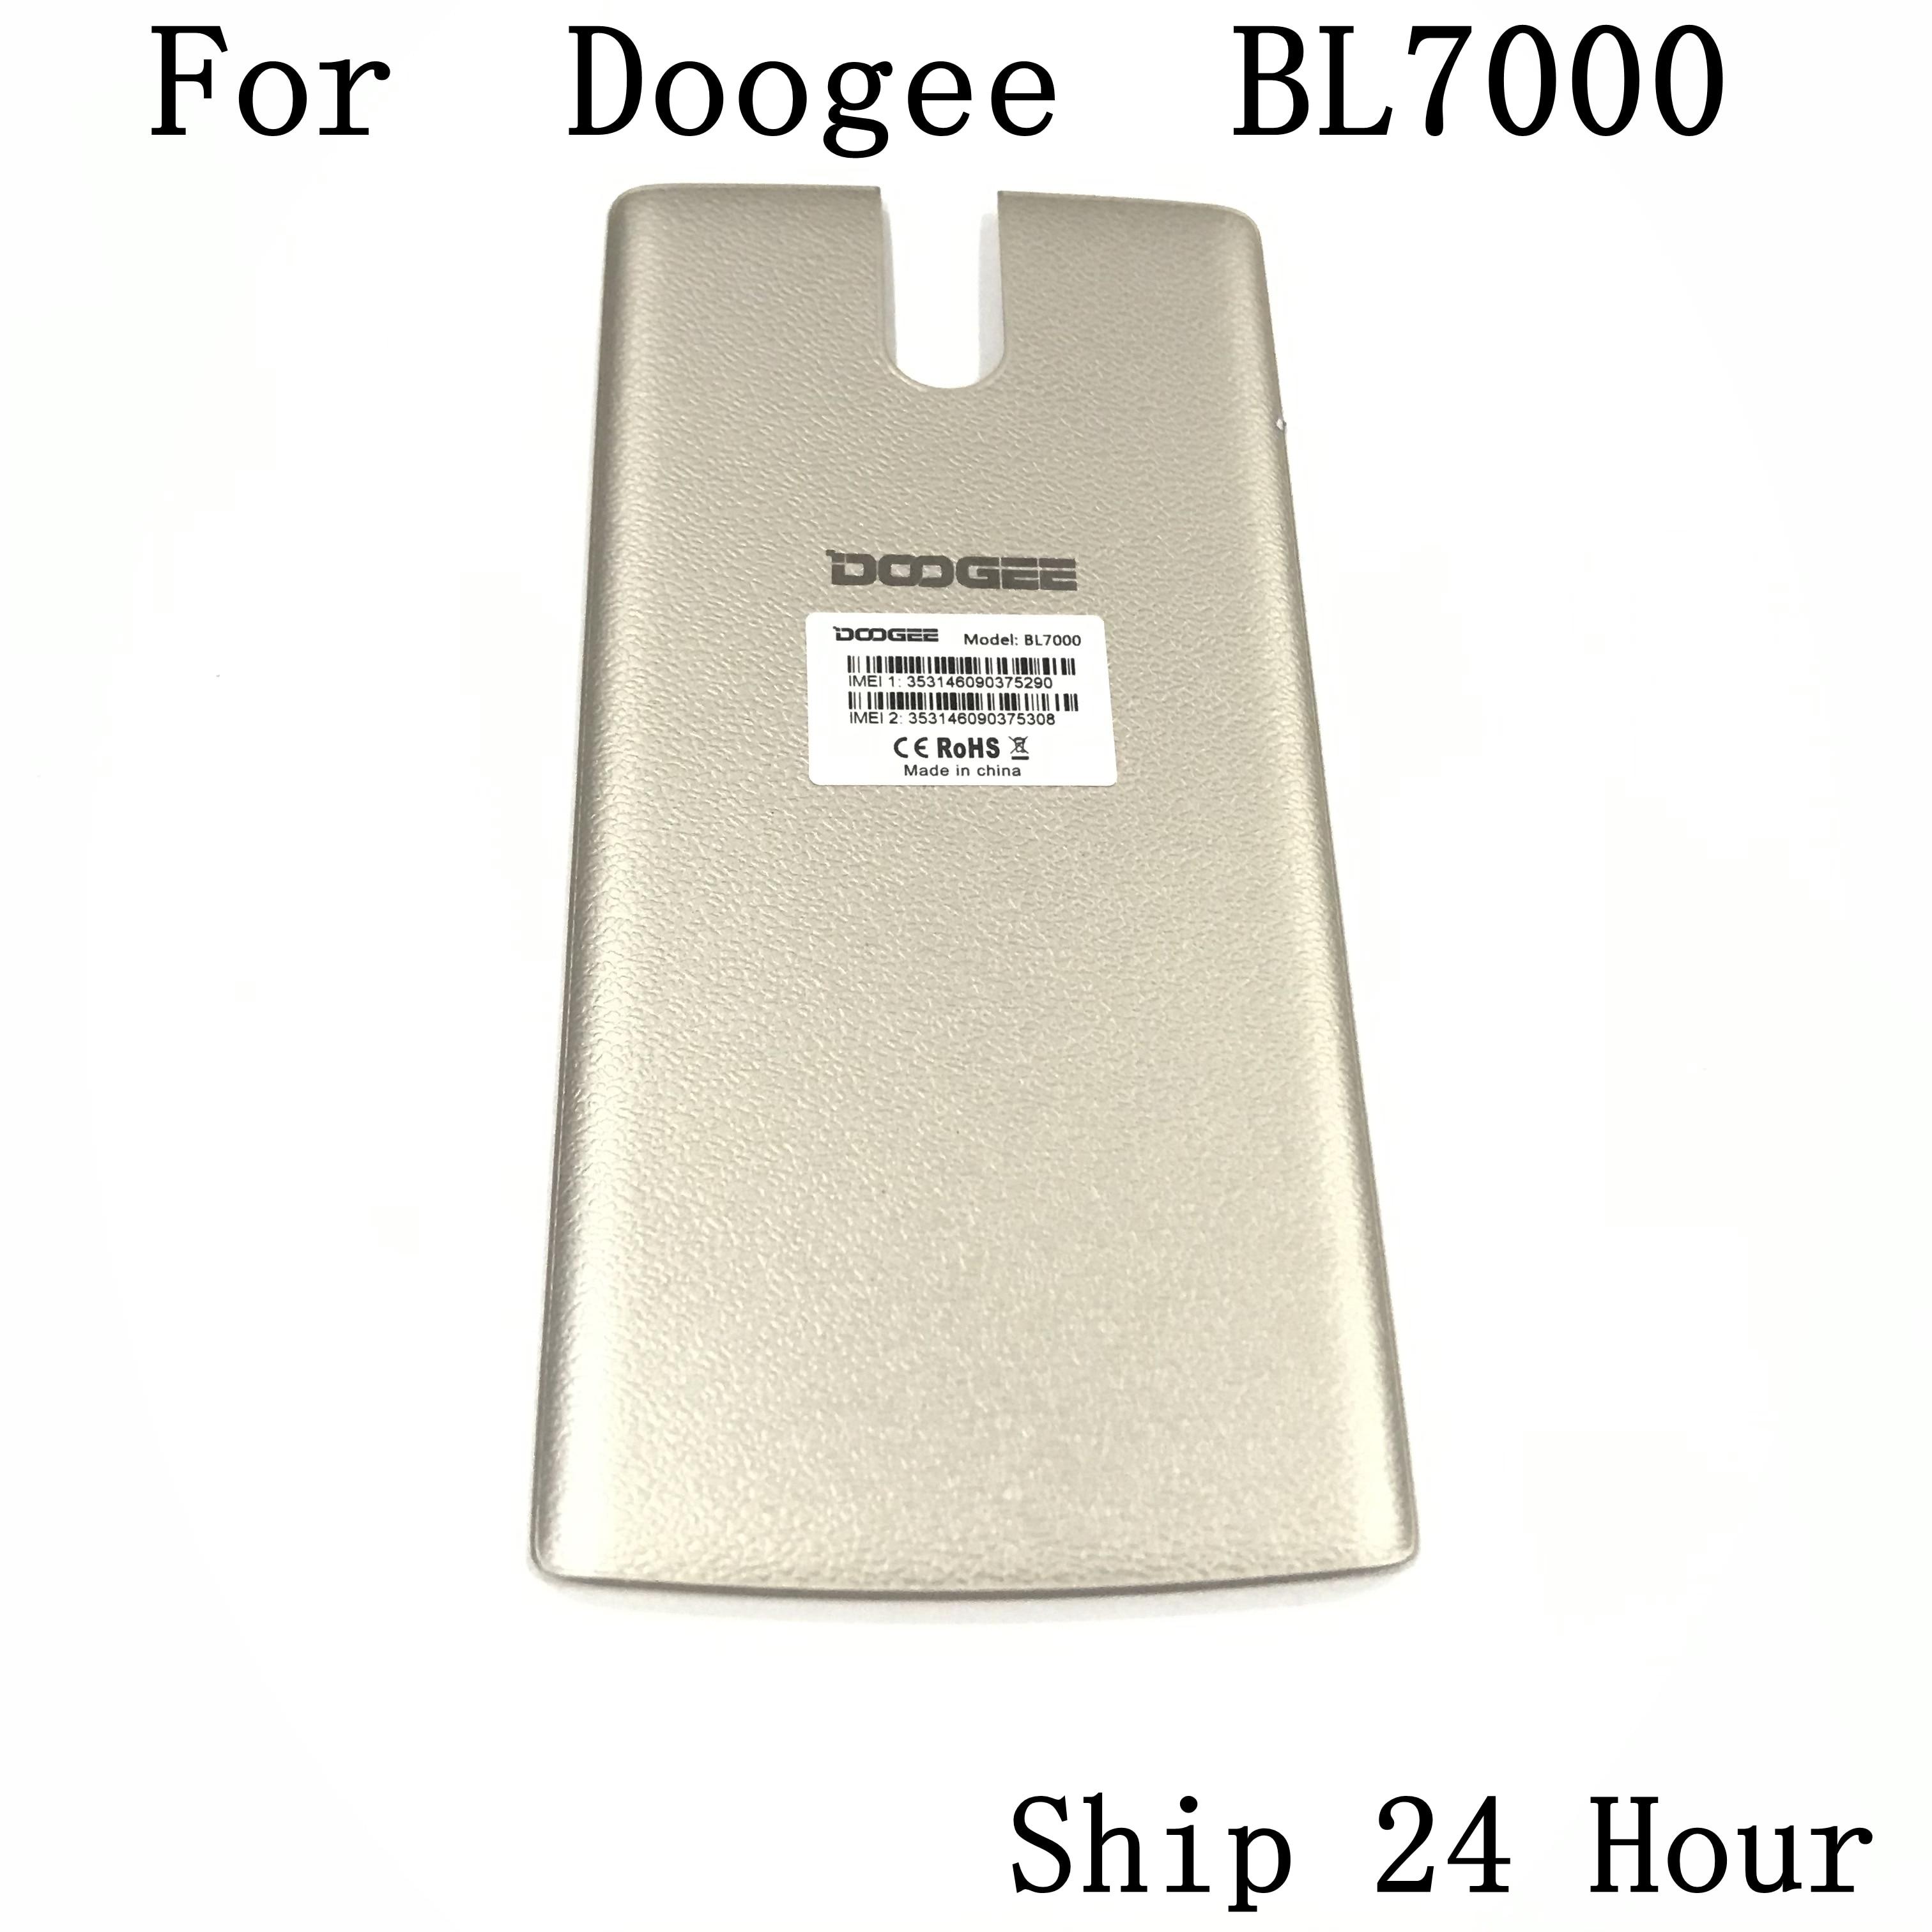 Doogee BL7000 funda protectora de batería usada para reparación de pieza de sustitución Doogee BL7000